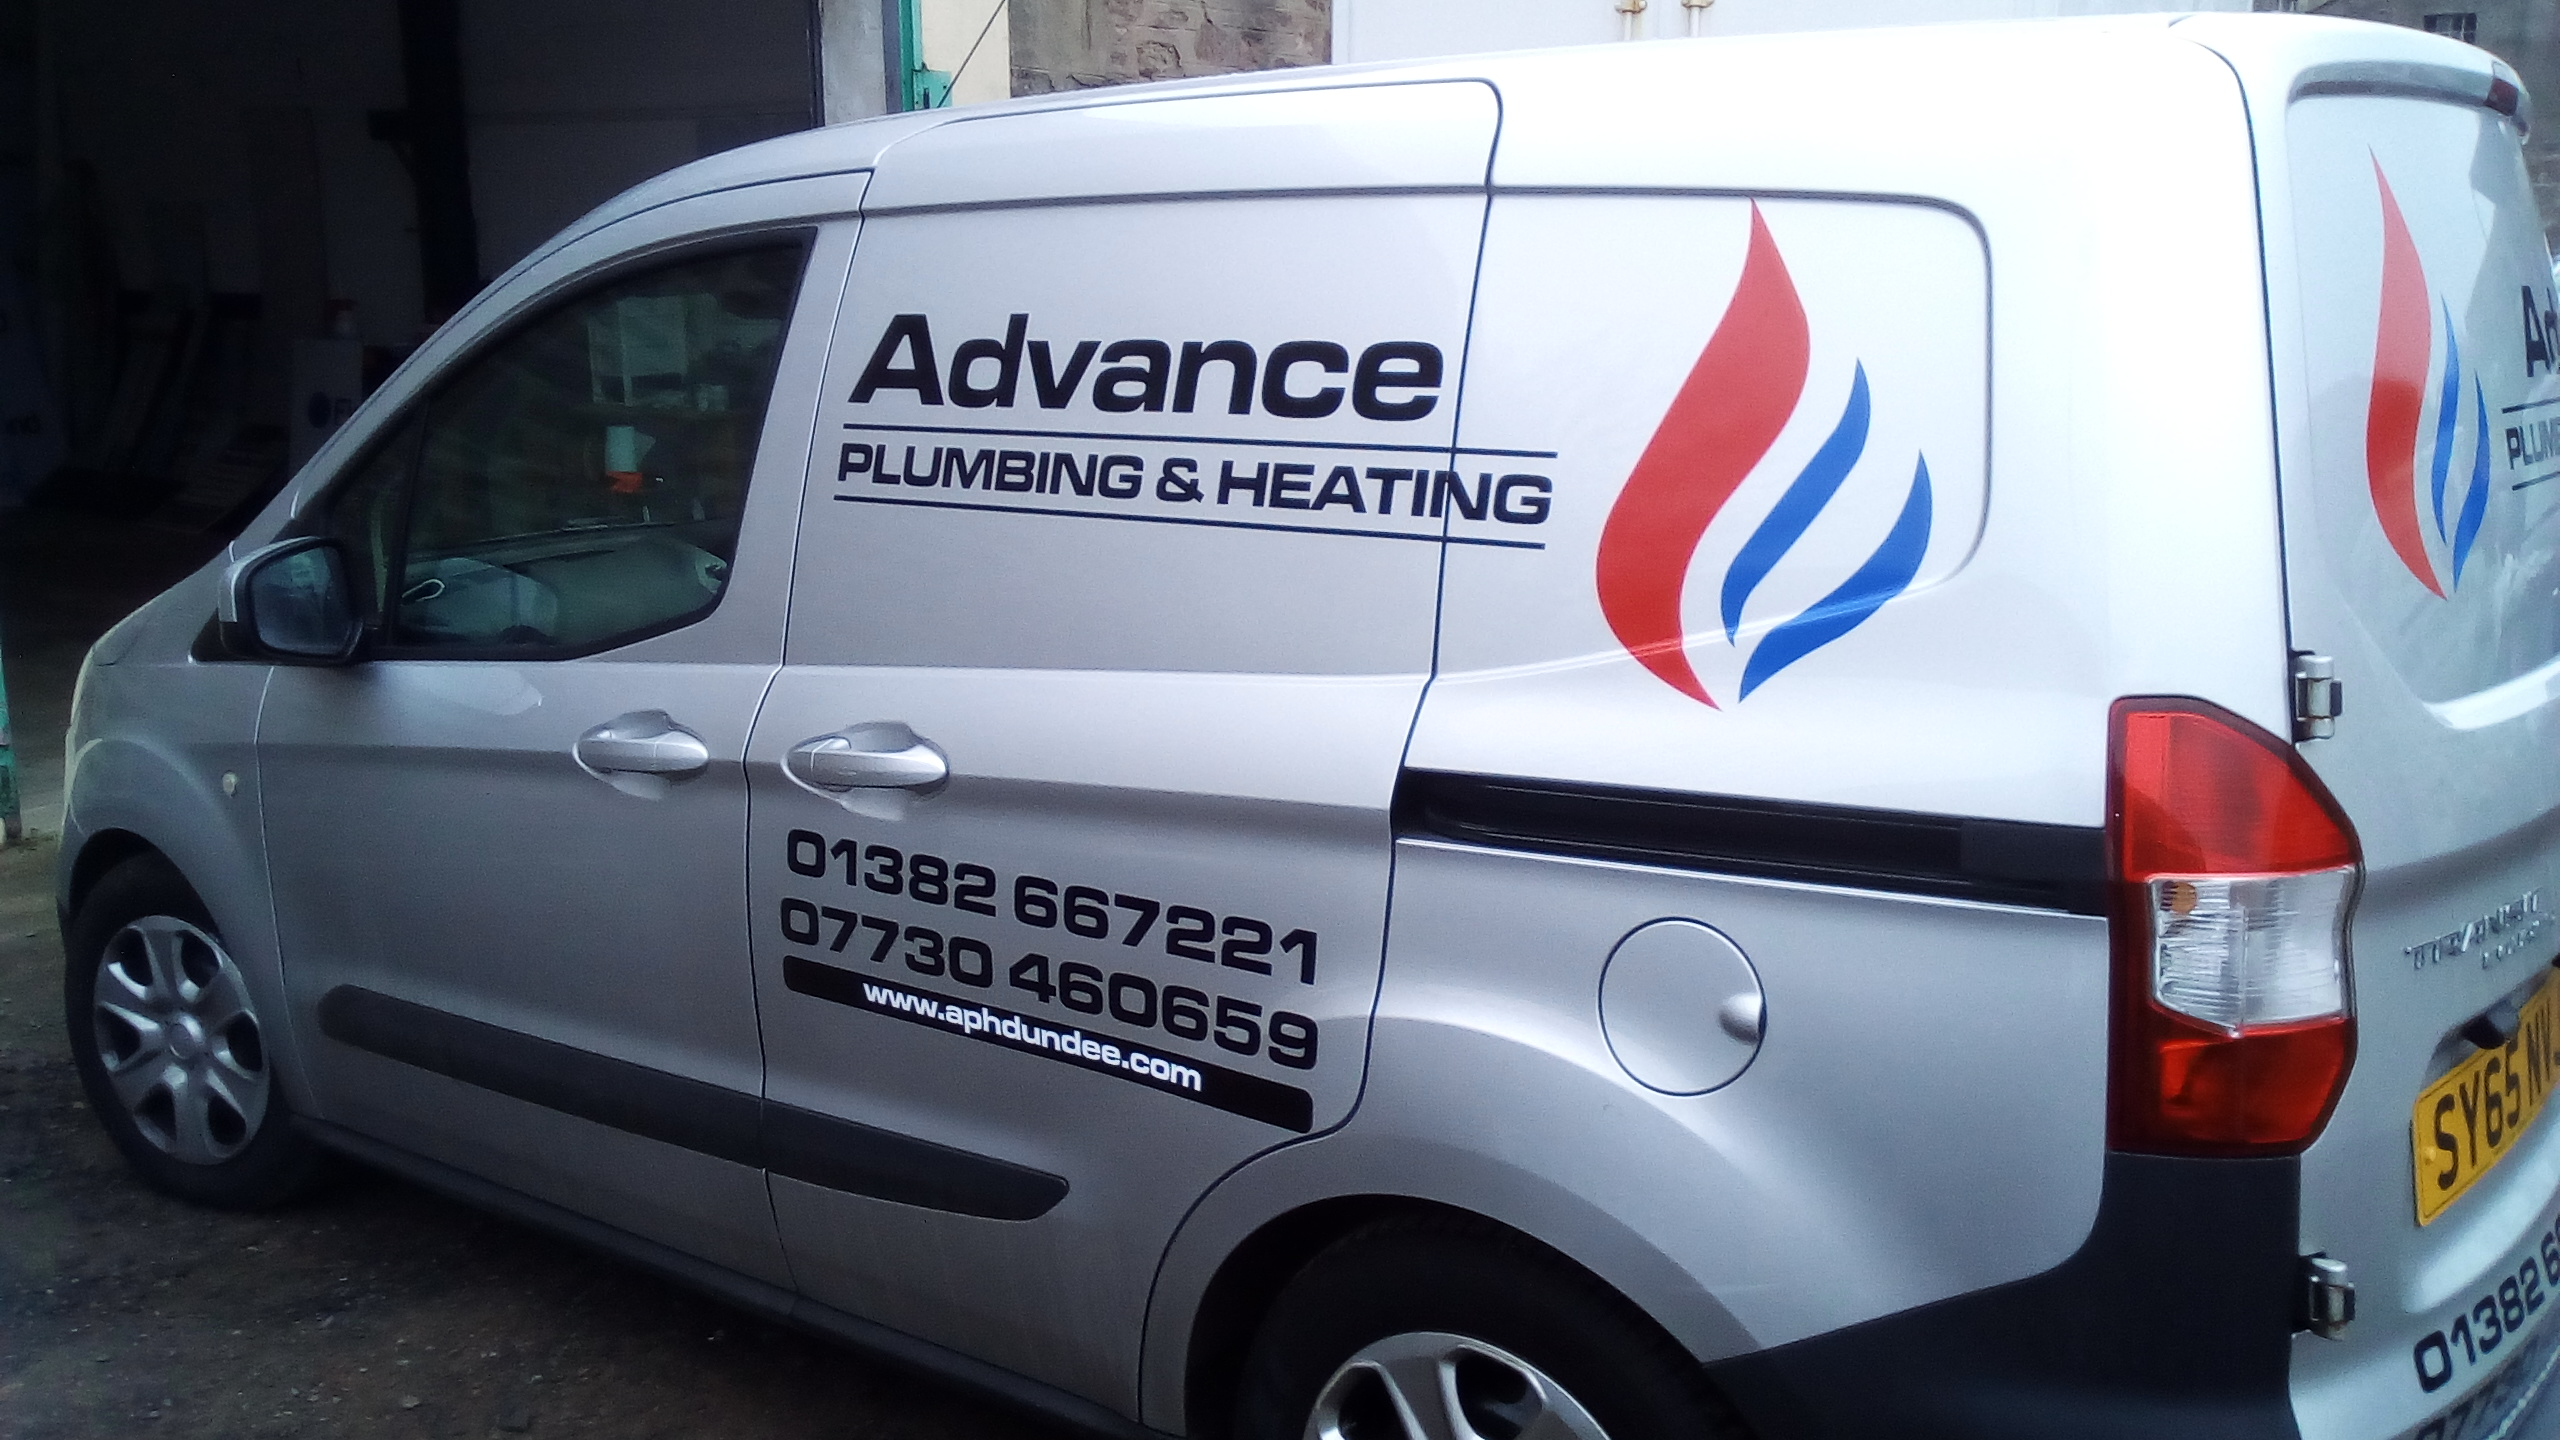 Advance Plumbing